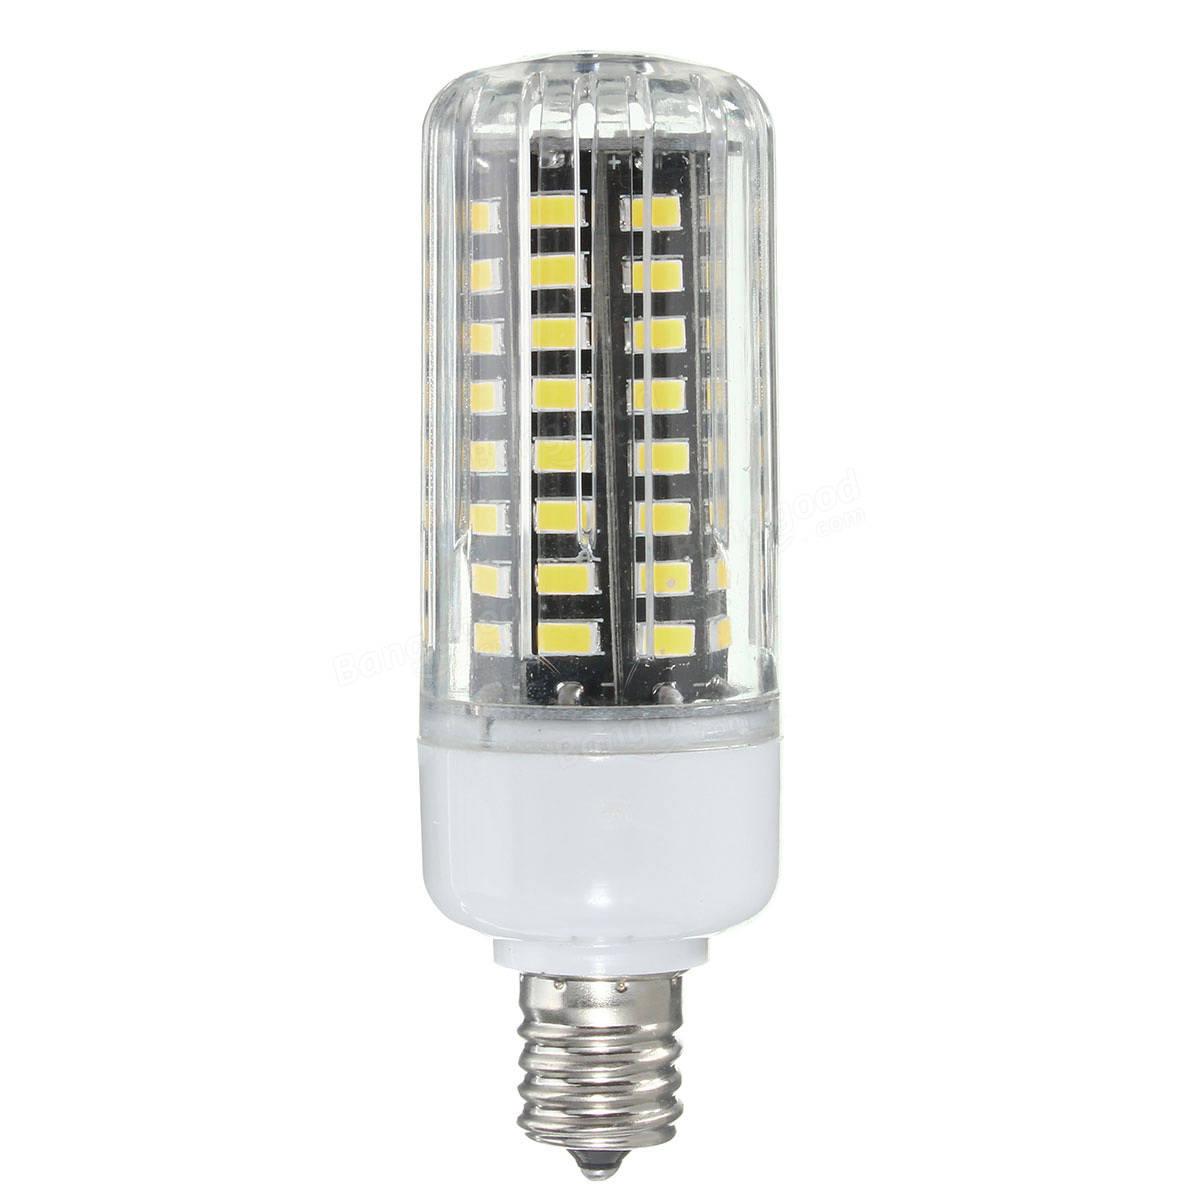 E27 E14 E12 E17 GU10 B22 LED Corn Bulb 7W 72 SMD 5736 LED